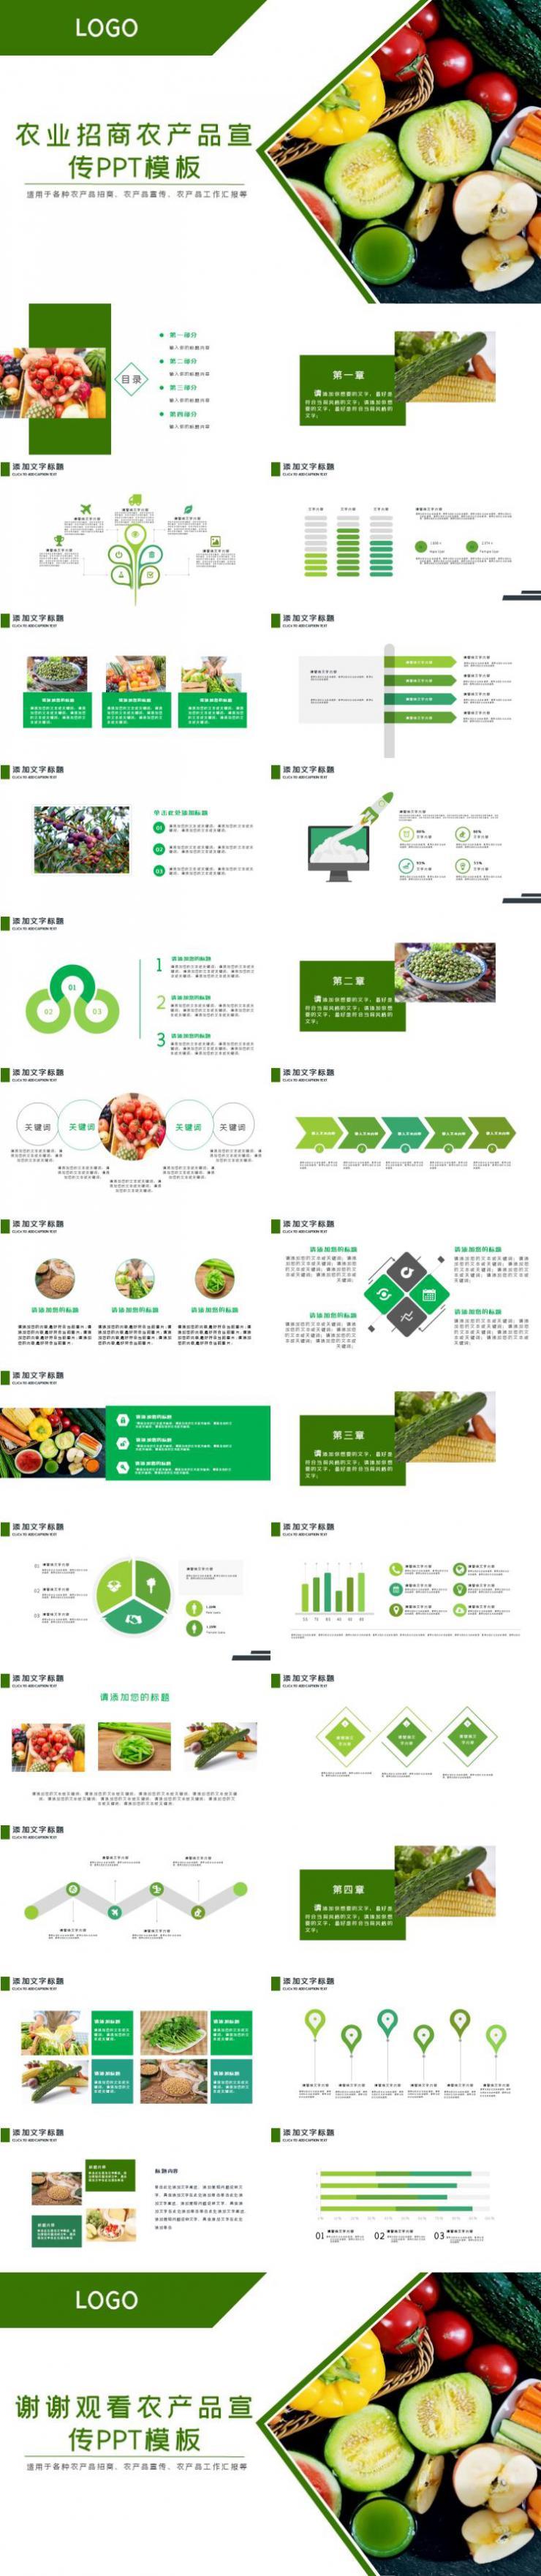 农业招商农产品宣传PPT模板下载